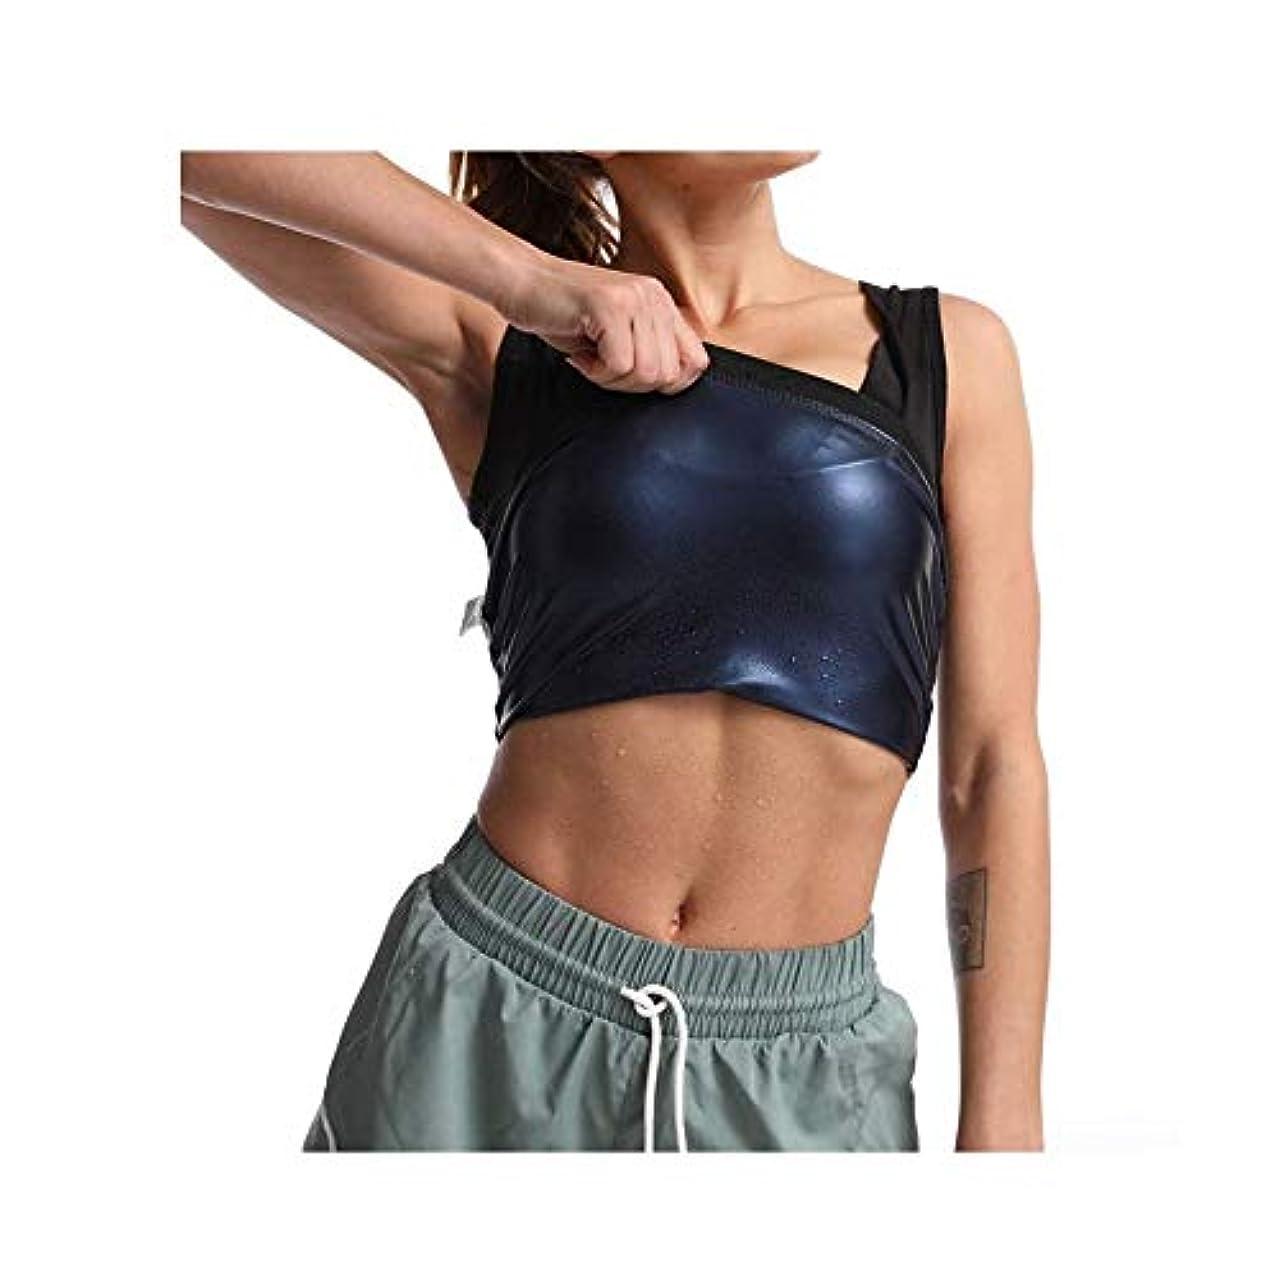 マディソン反抗踊り子プレミアムトレーニングタンクトップ痩身ポリマー減量シェイプウェア、女性のためのサウナベストボディシェイパー